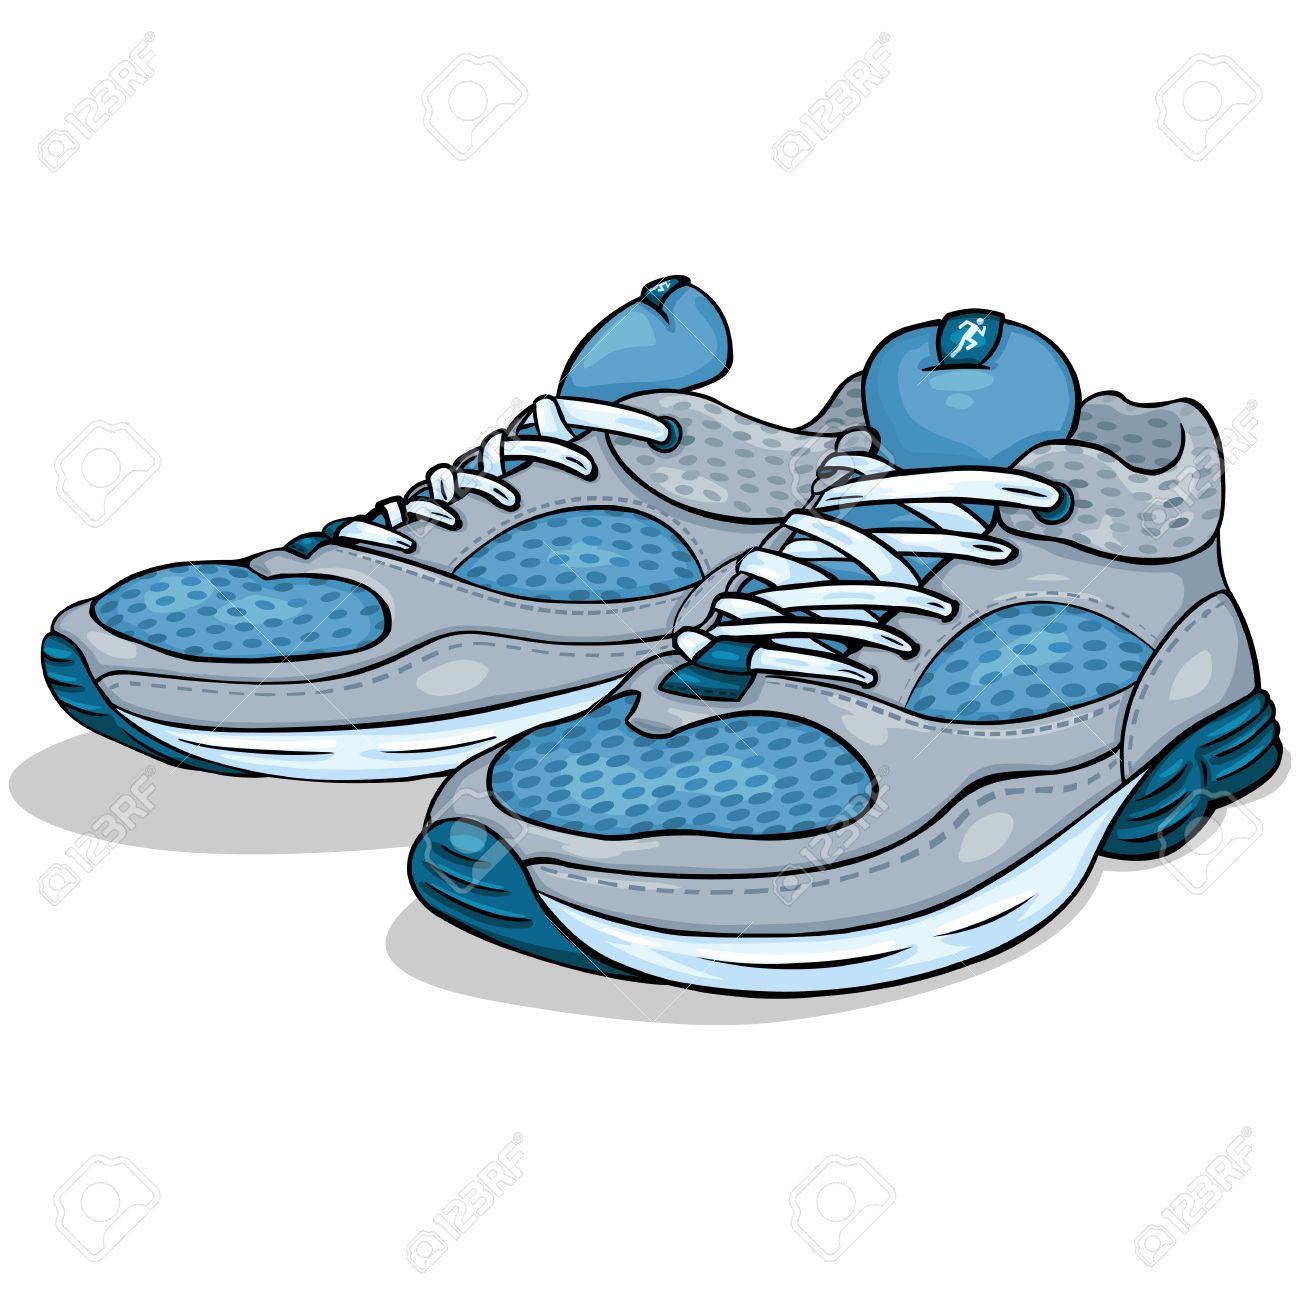 sur blanc Illustration animé vecteur chaussures de dessin fond course couleur de de de drWxeBoC